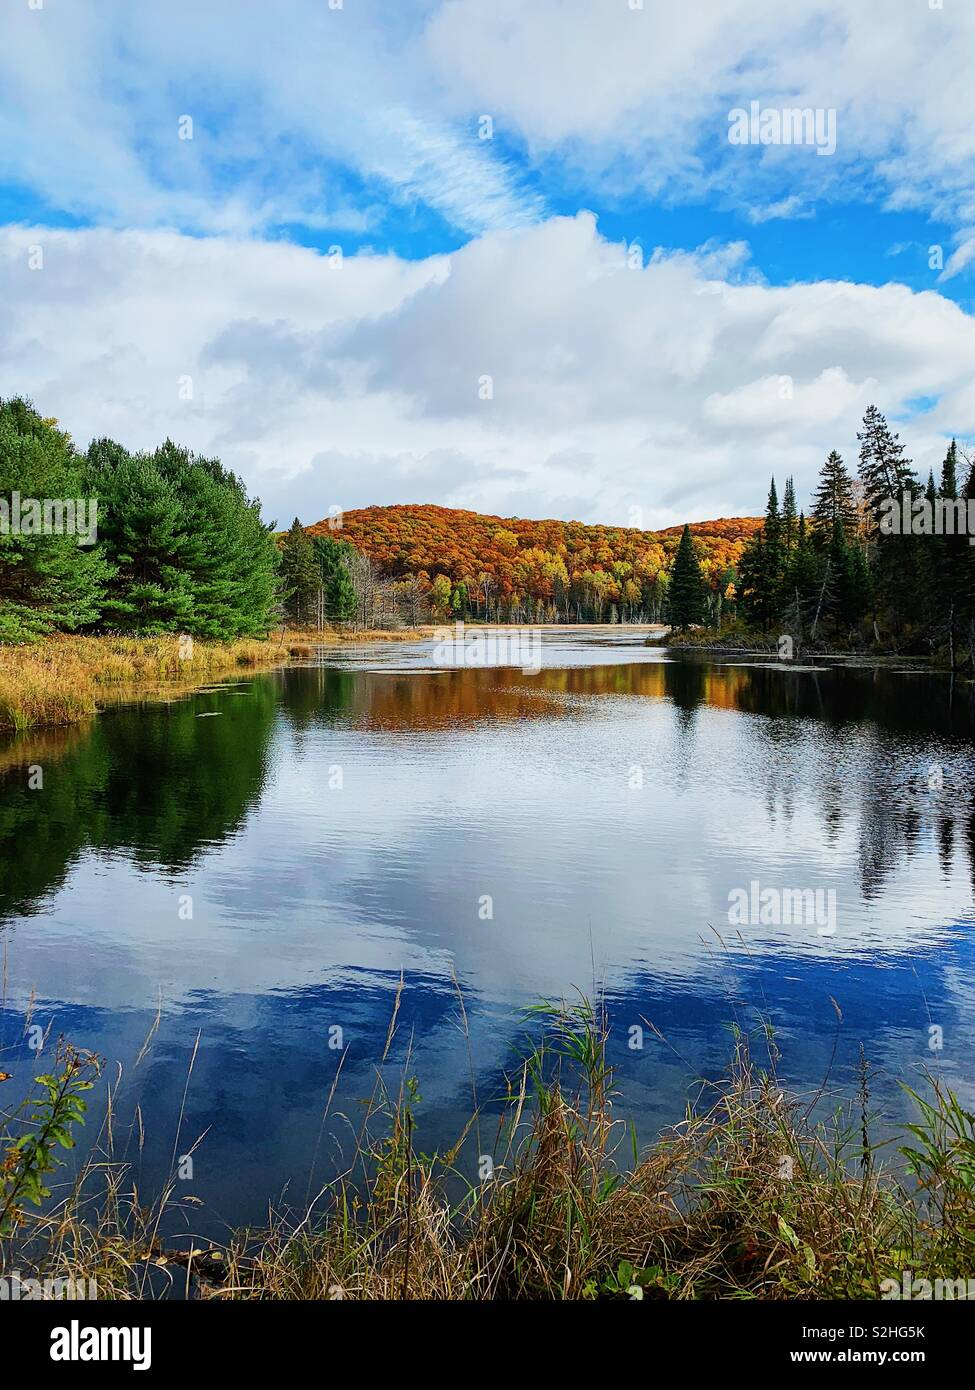 Pequeño lago o estanque que refleja el cielo y los colores de otoño en el norte de Ontario cottage country Foto de stock